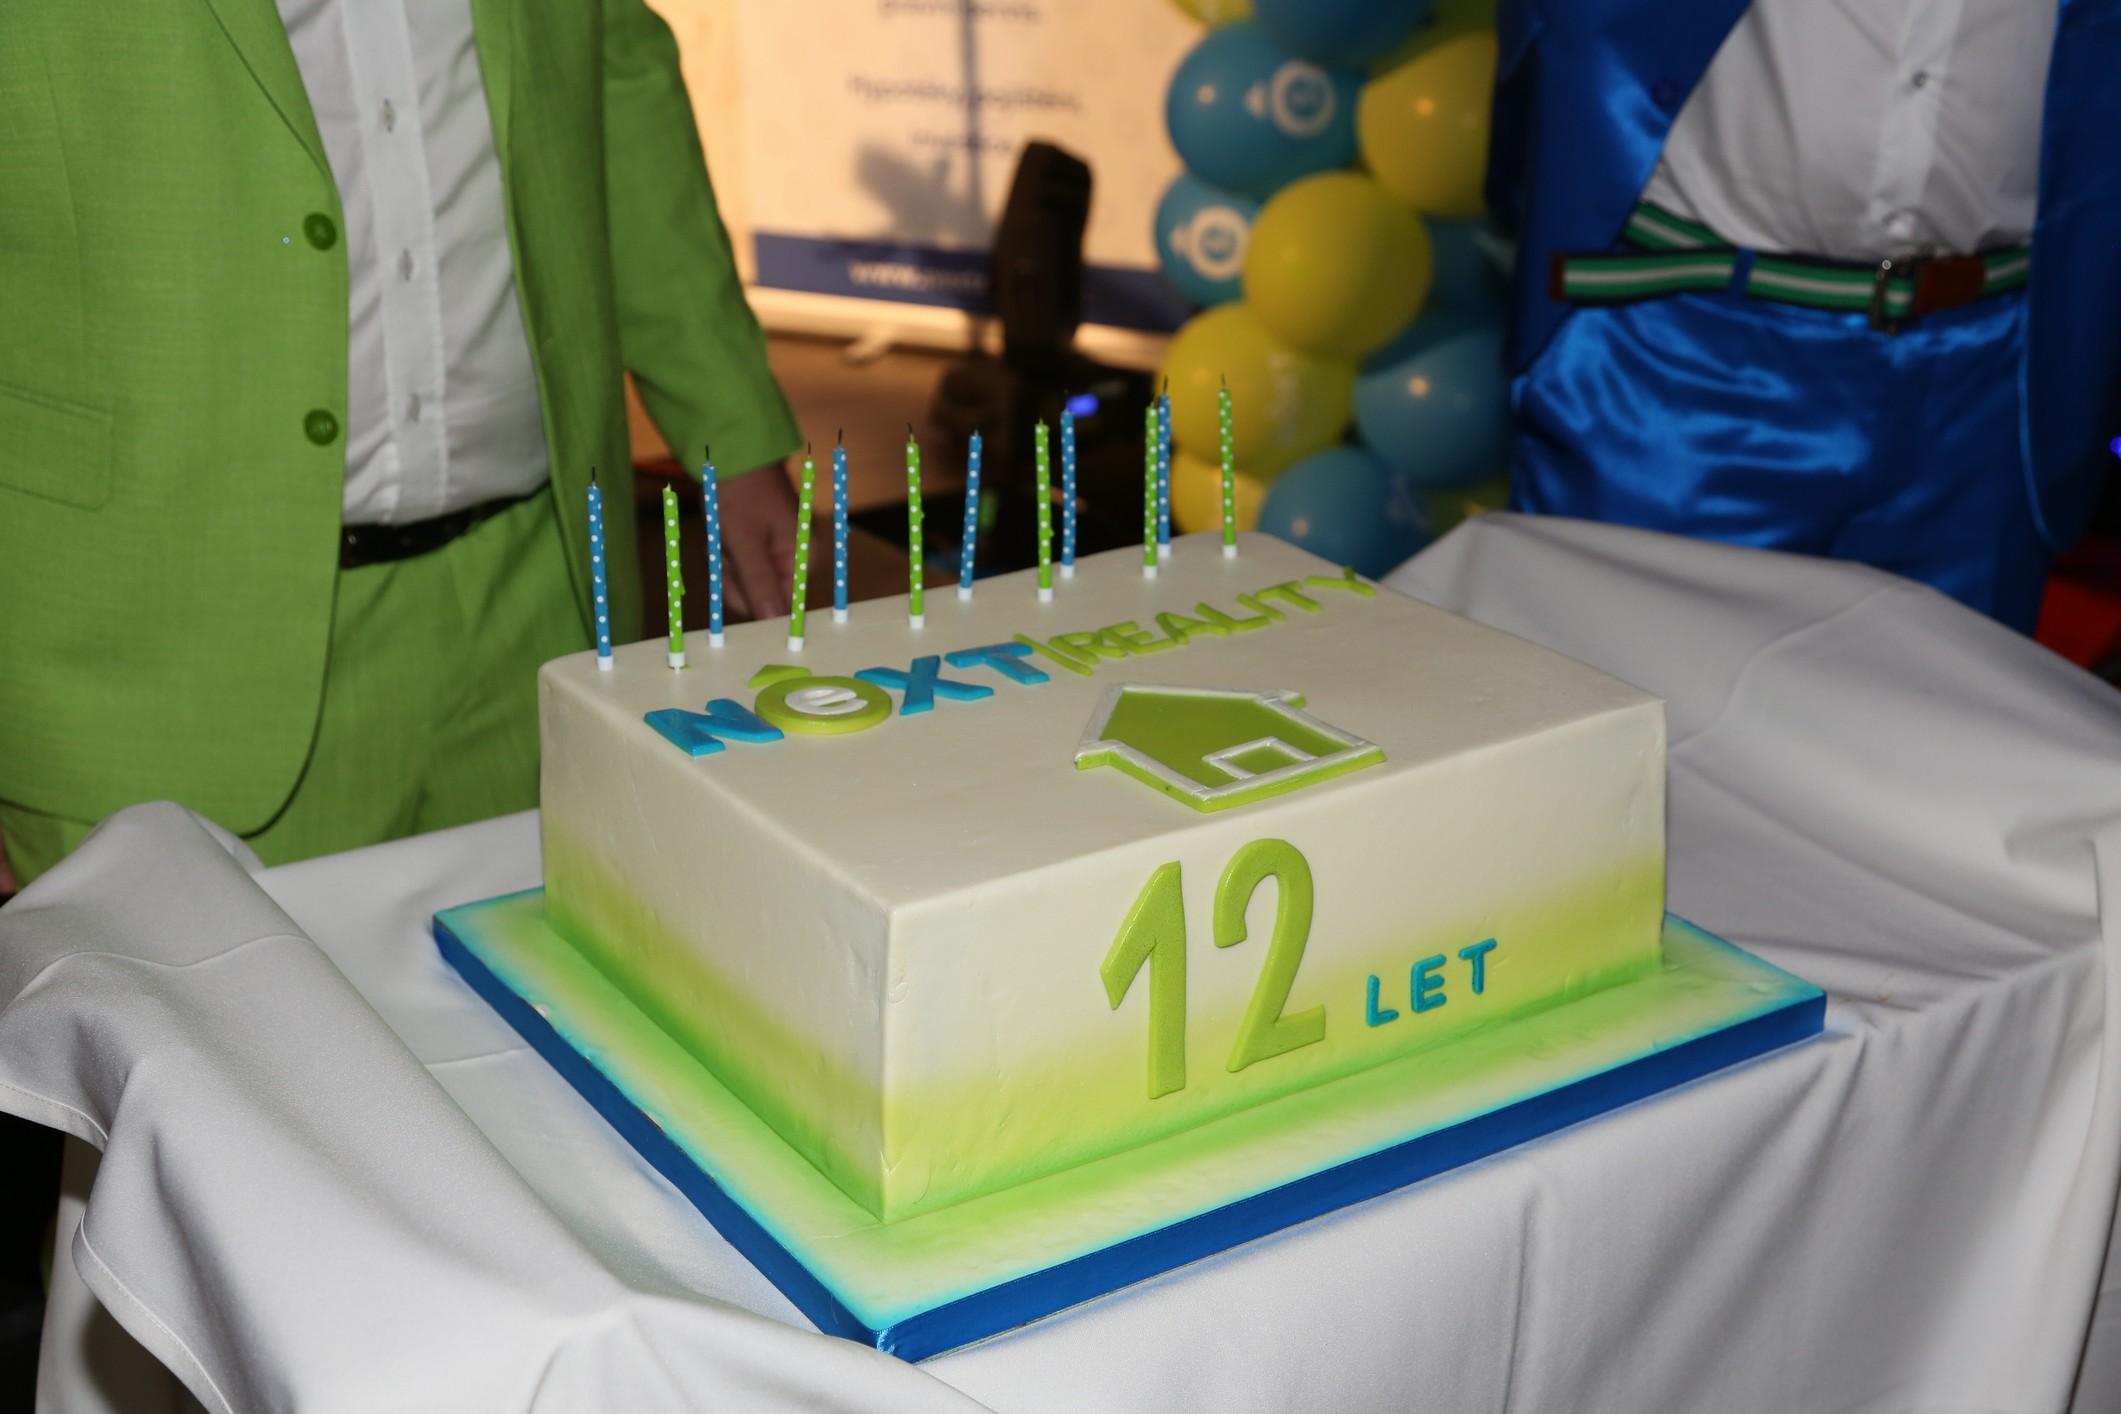 vydařená oslava narozenin NEXT REALITY oslavil 12 let! Vydařená oslava se protáhla dlouho do  vydařená oslava narozenin